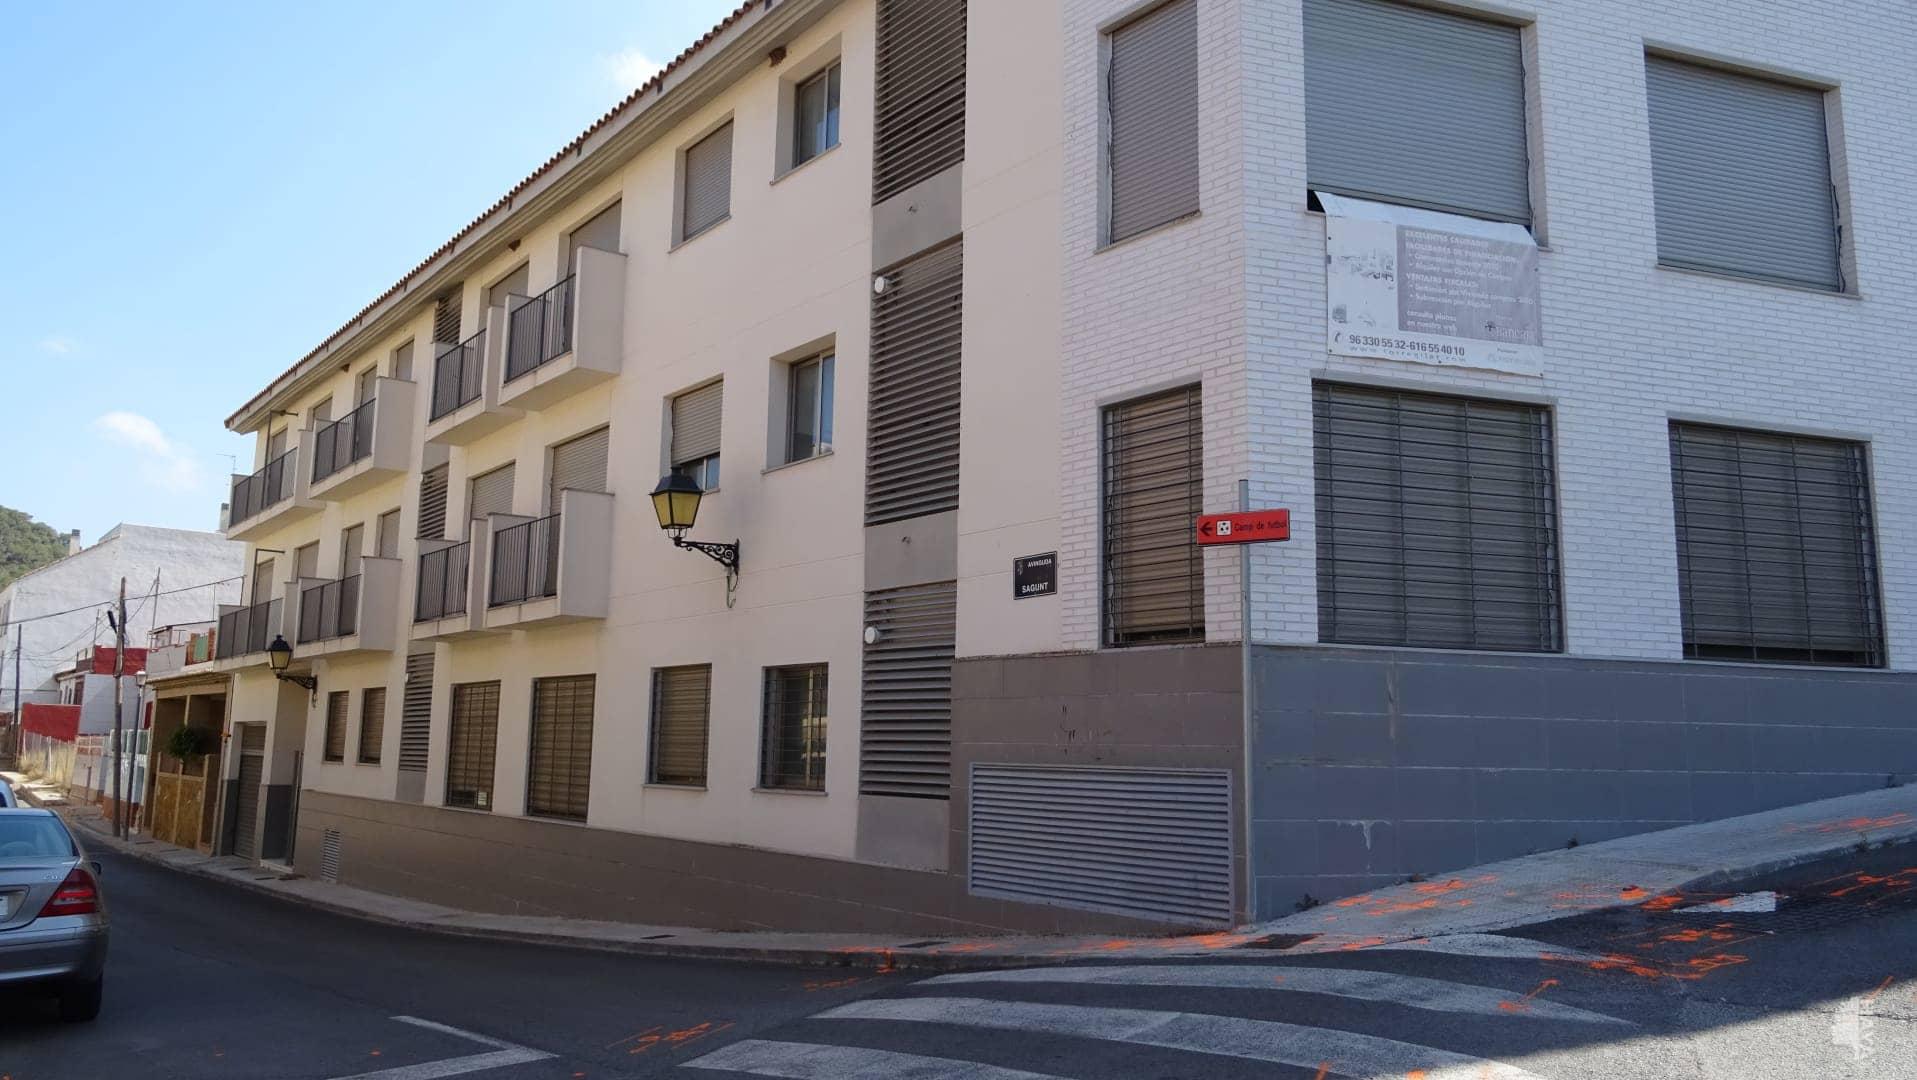 Piso en venta en Gilet, Gilet, Valencia, Calle Sagunt, 83.000 €, 2 habitaciones, 1 baño, 80 m2